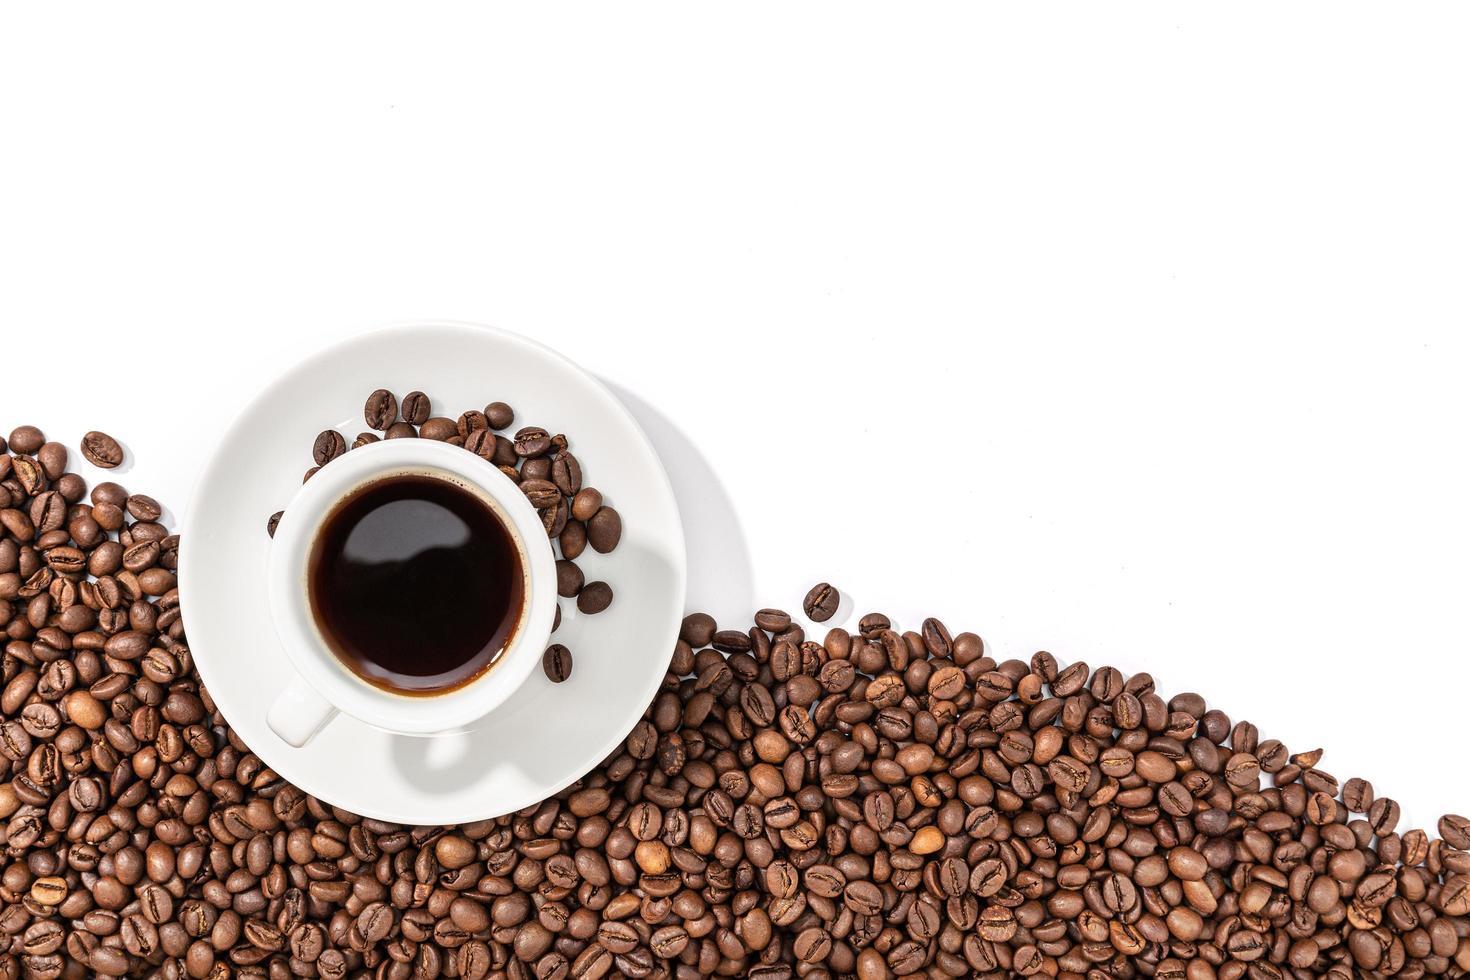 Taza de café expreso y granos tostados sobre fondo blanco. foto